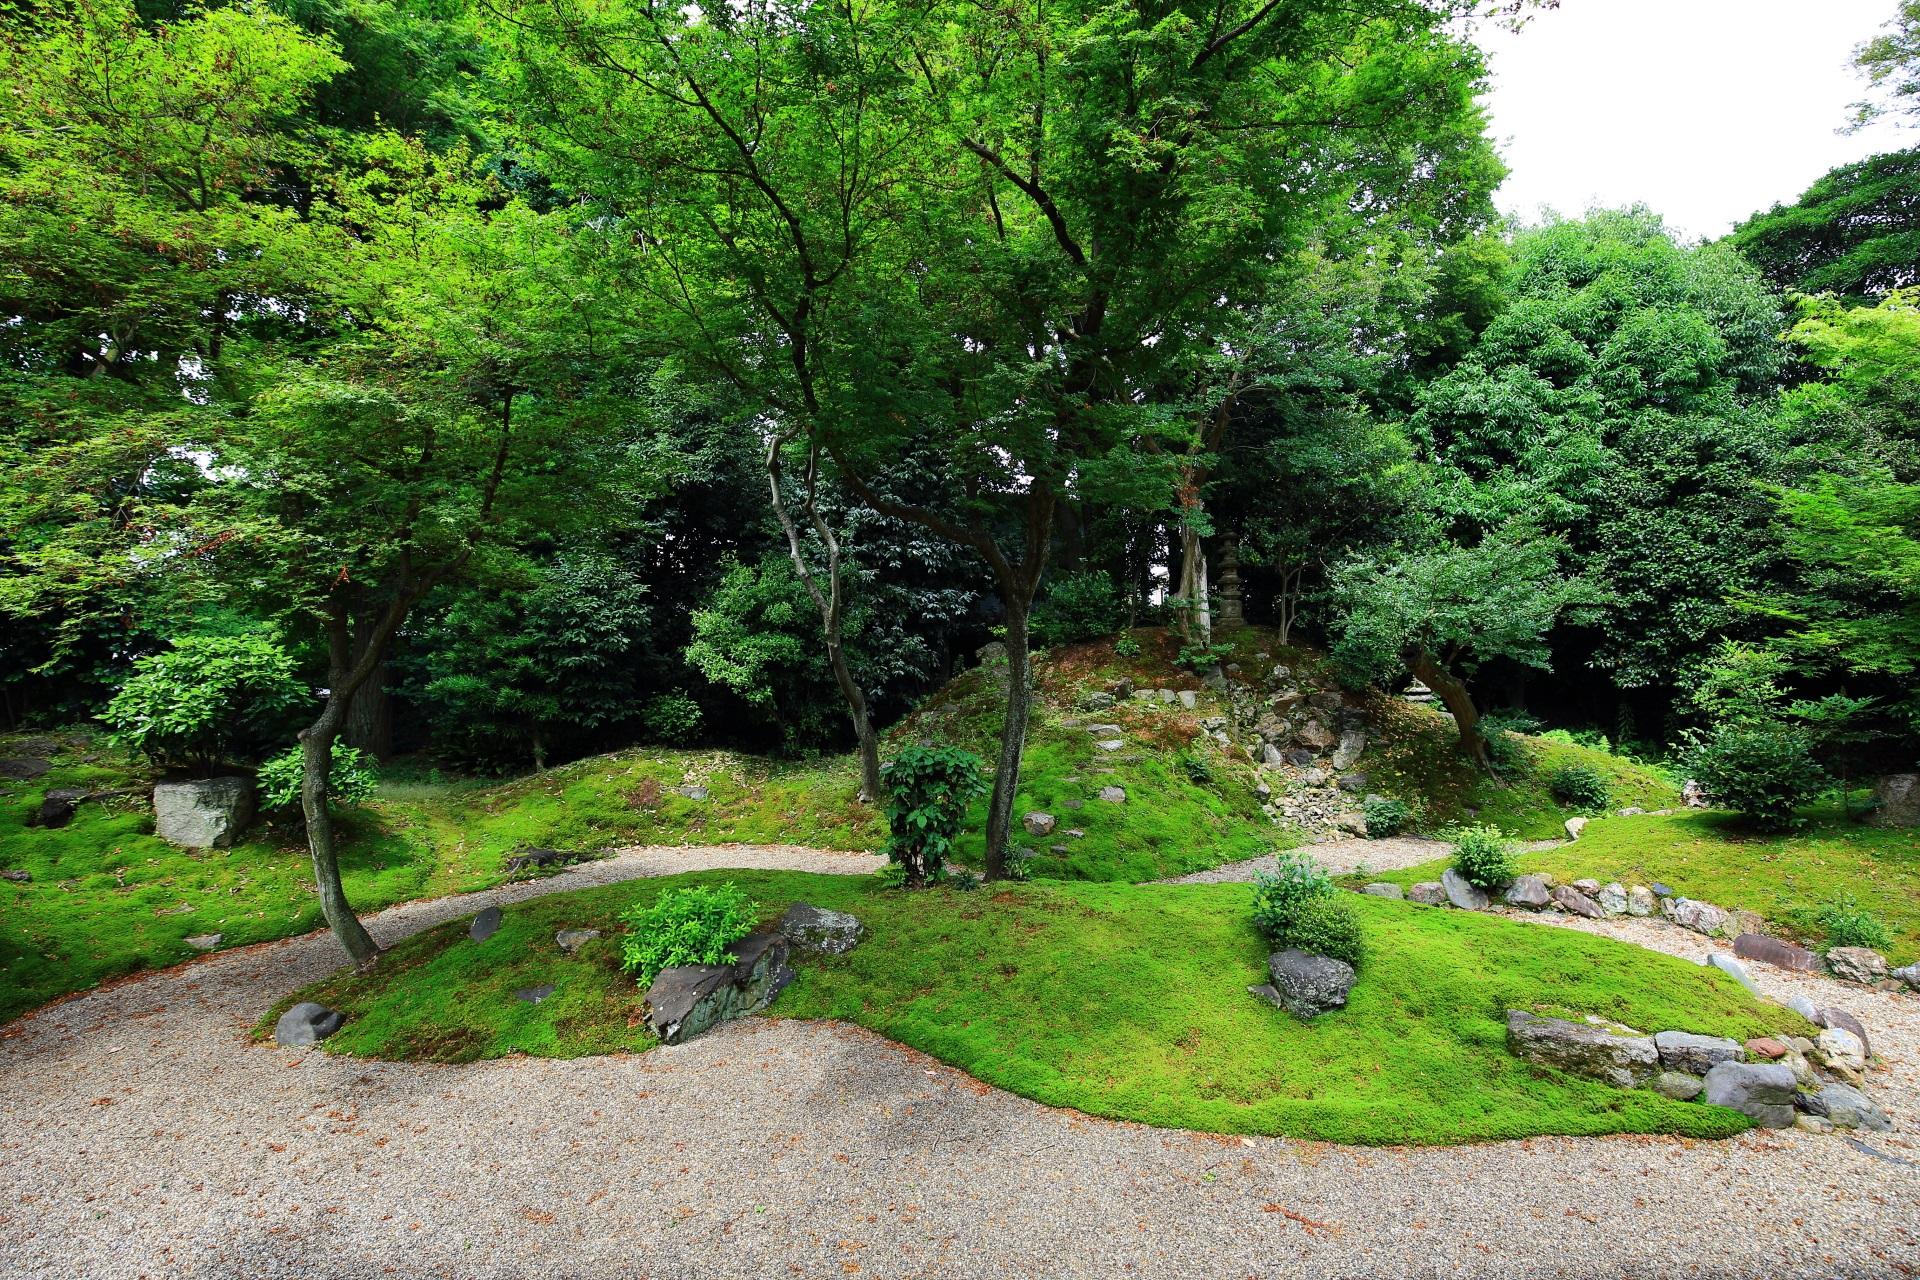 立本寺の龍華苑(りゅうげえん)